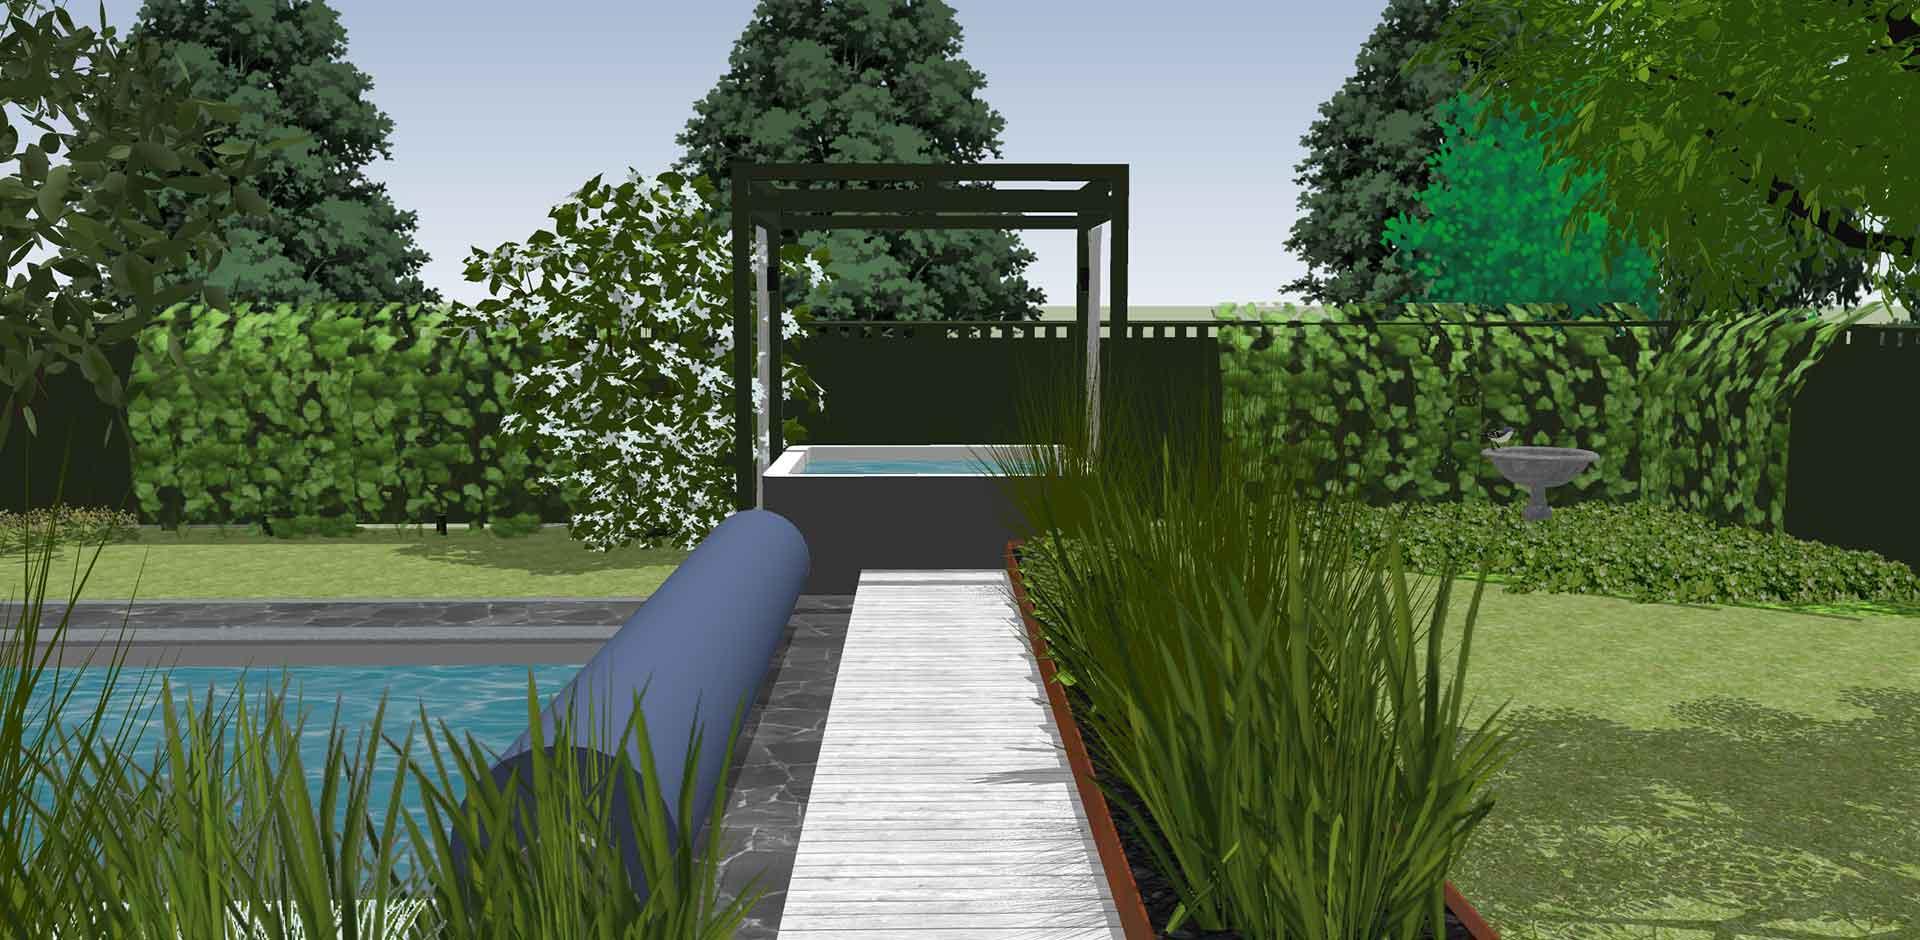 Wikipool, Skapa en oas, ritning över spabad, Pool store